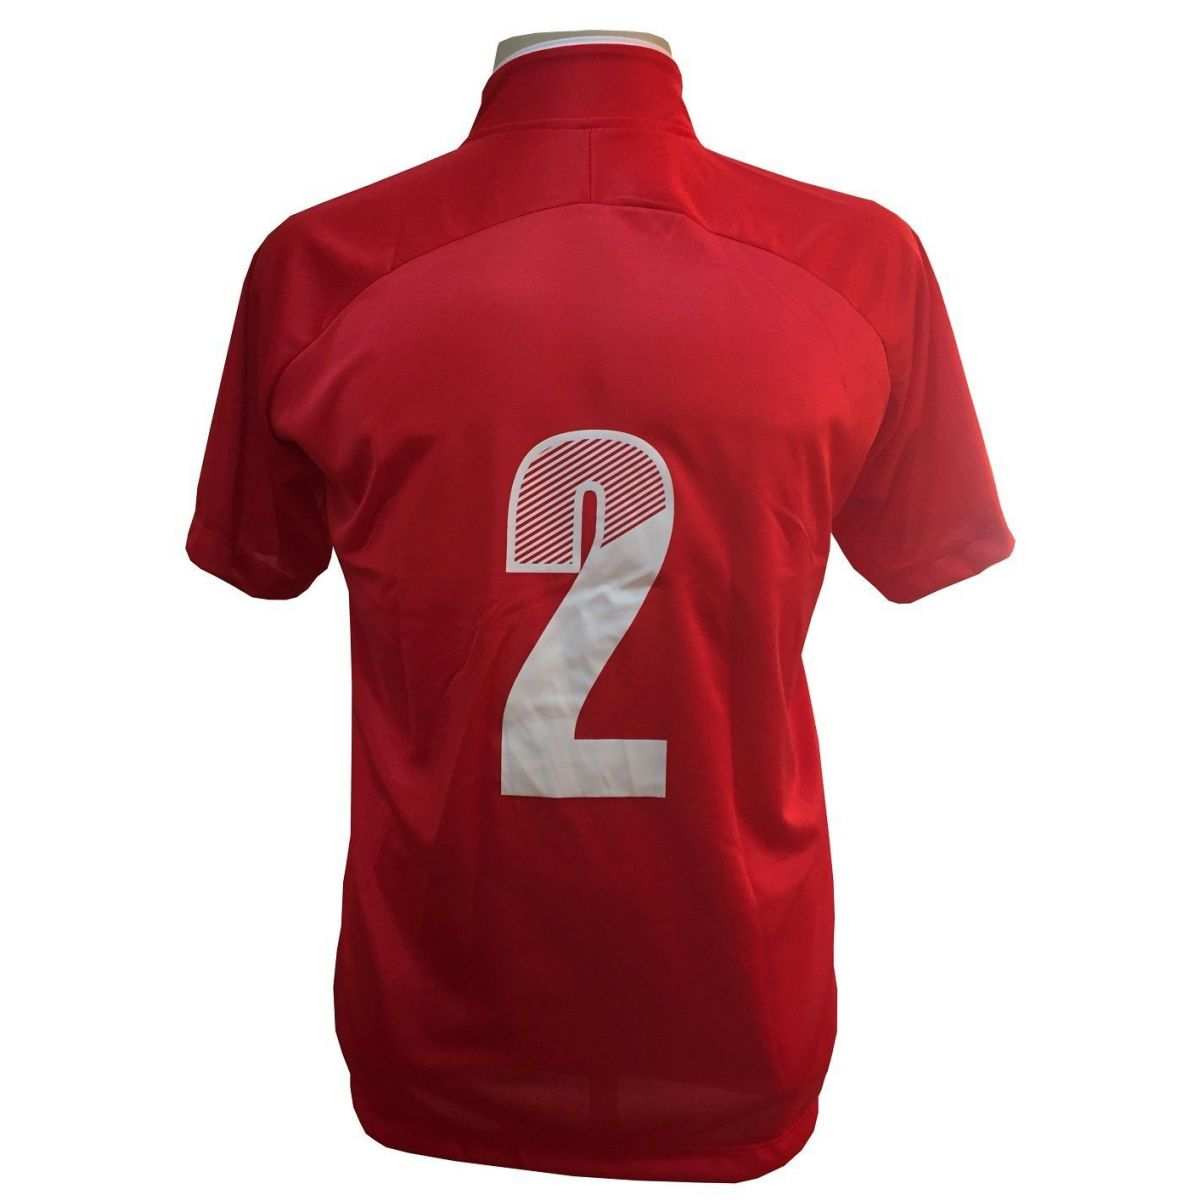 Fardamento Completo modelo City 12+1 (12 Camisas Vermelho/Branco + 12 Calções Madrid Royal + 12 Pares de Meiões Brancos + 1 Conjunto de Goleiro) + Brindes